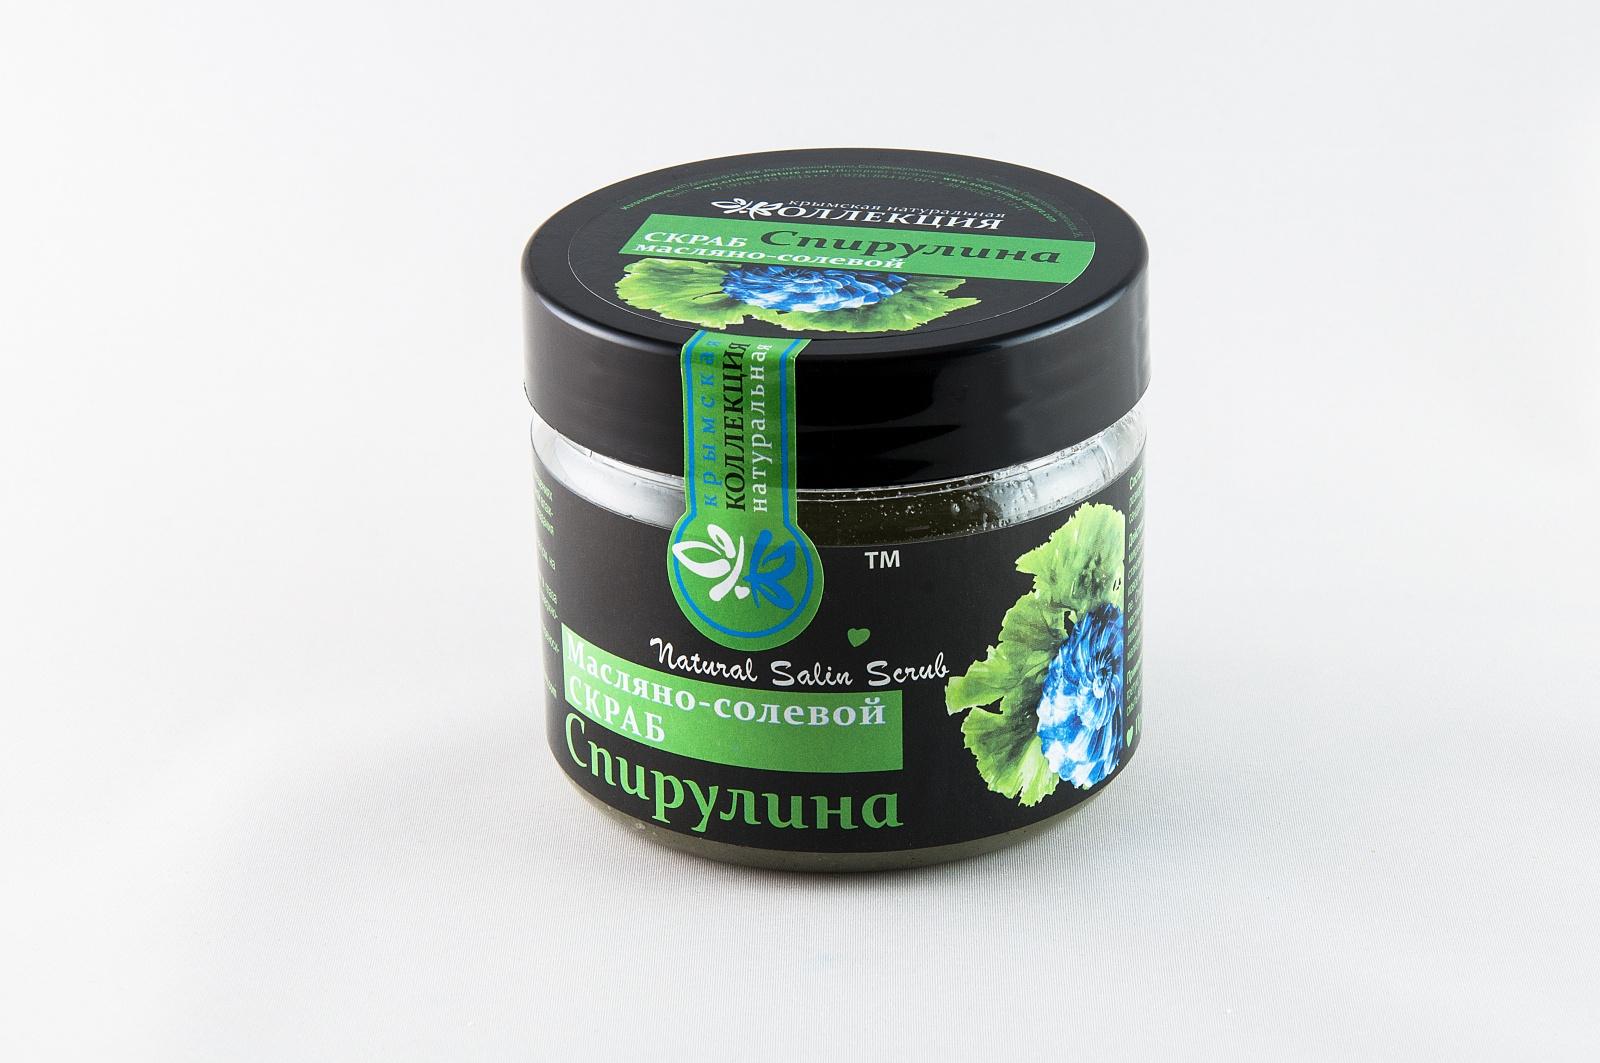 Скраб солевой Спирулина ВСЕГО 350 рублей